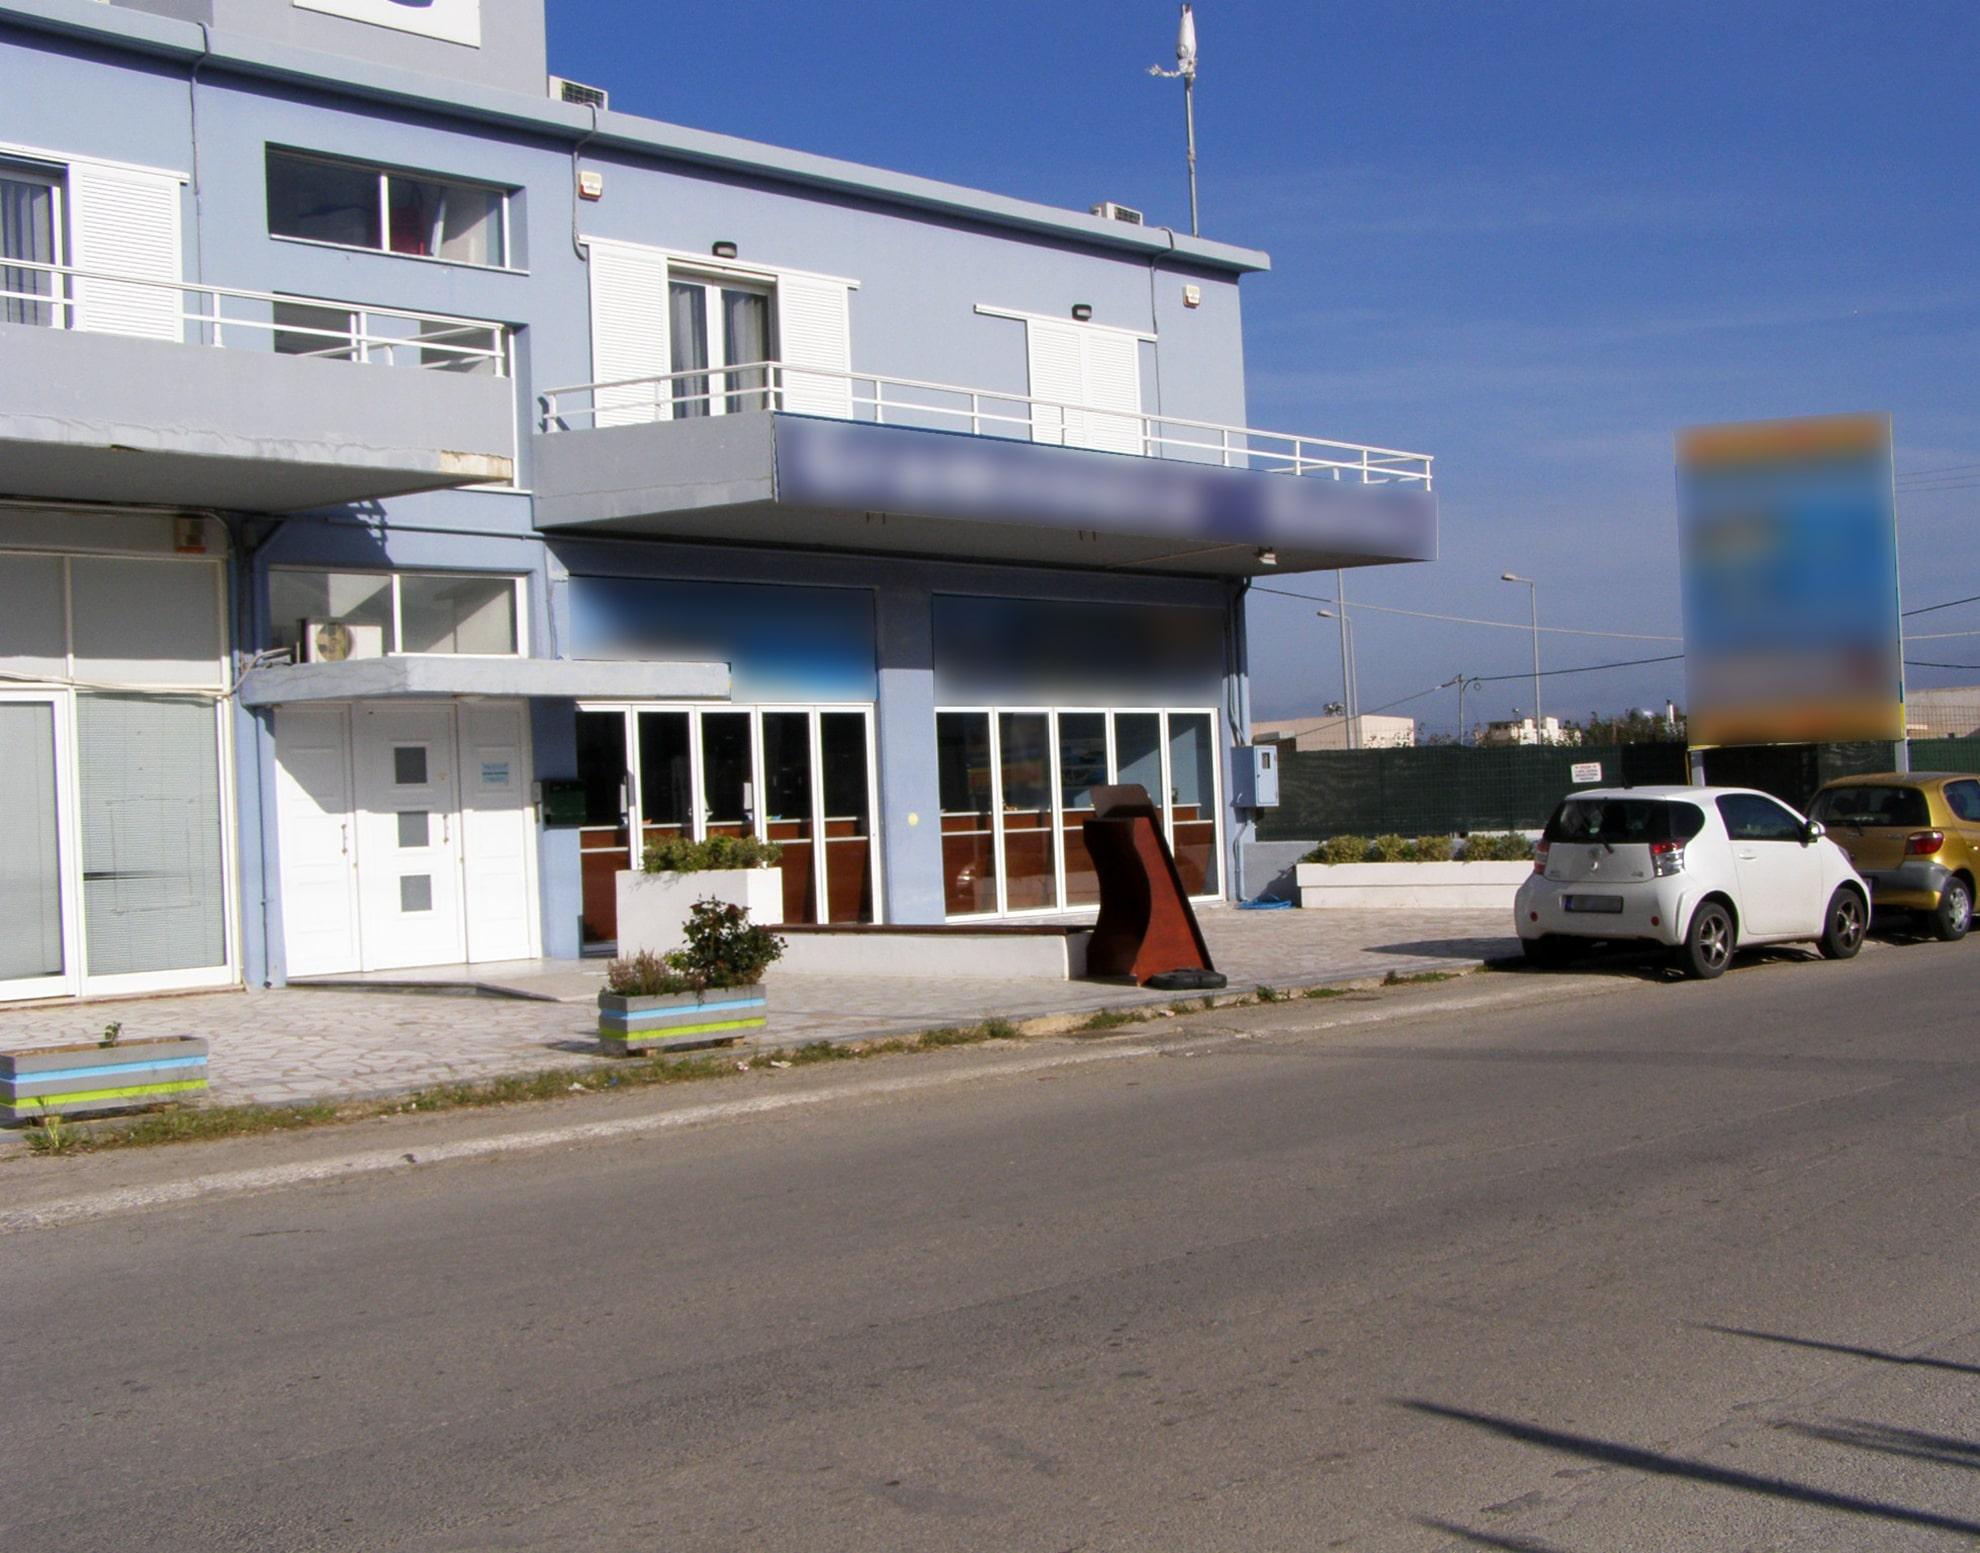 Πωλείται κτήριο επαγγελματικό σε οικόπεδο 750 τ.μ.